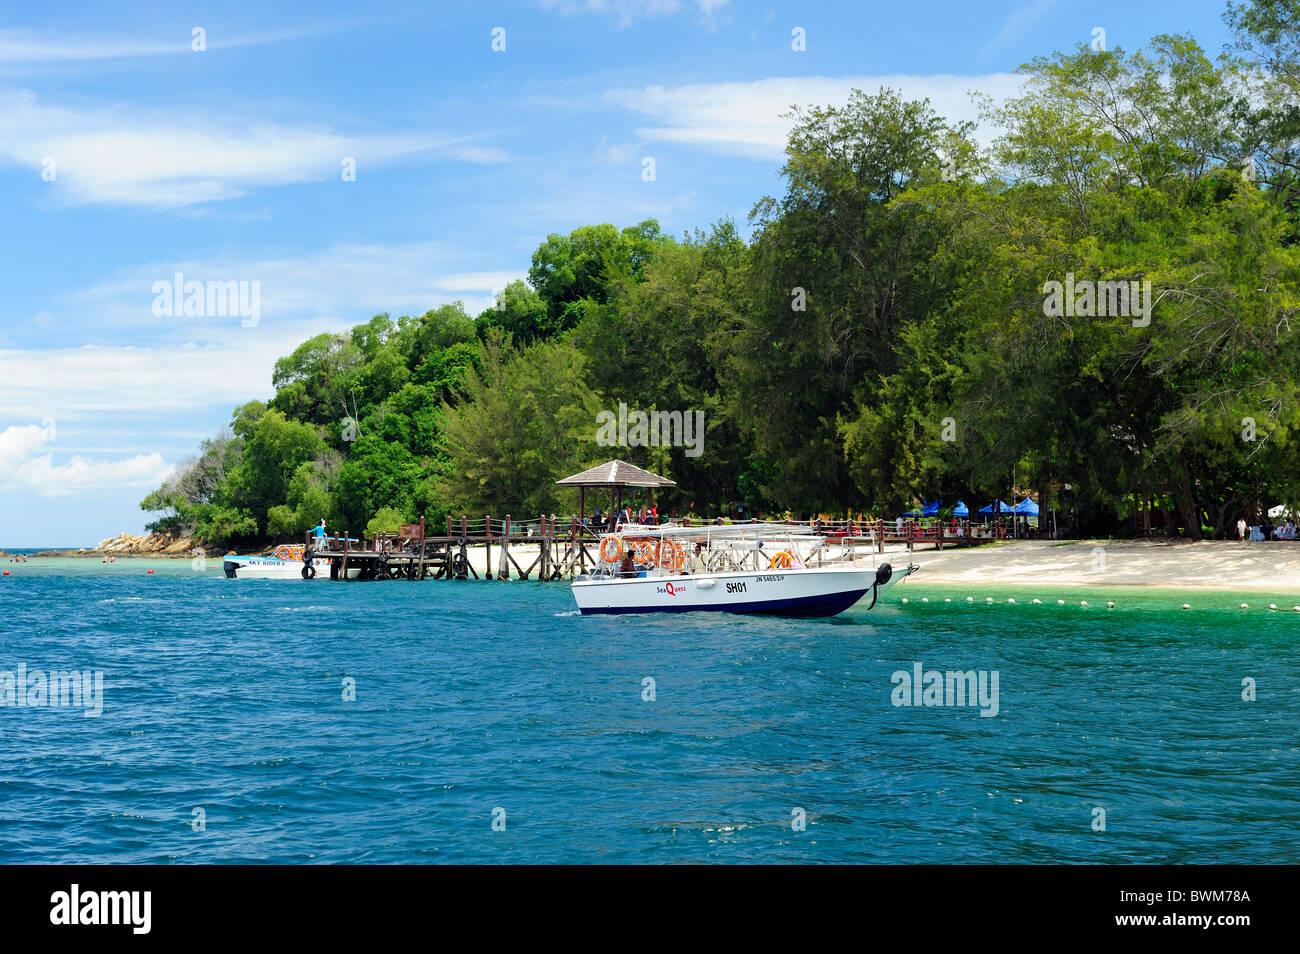 Manukan Island - part of the Tunku Abdul Rahman Marine Park, Kota Kinabalu, Sabah - Stock Image